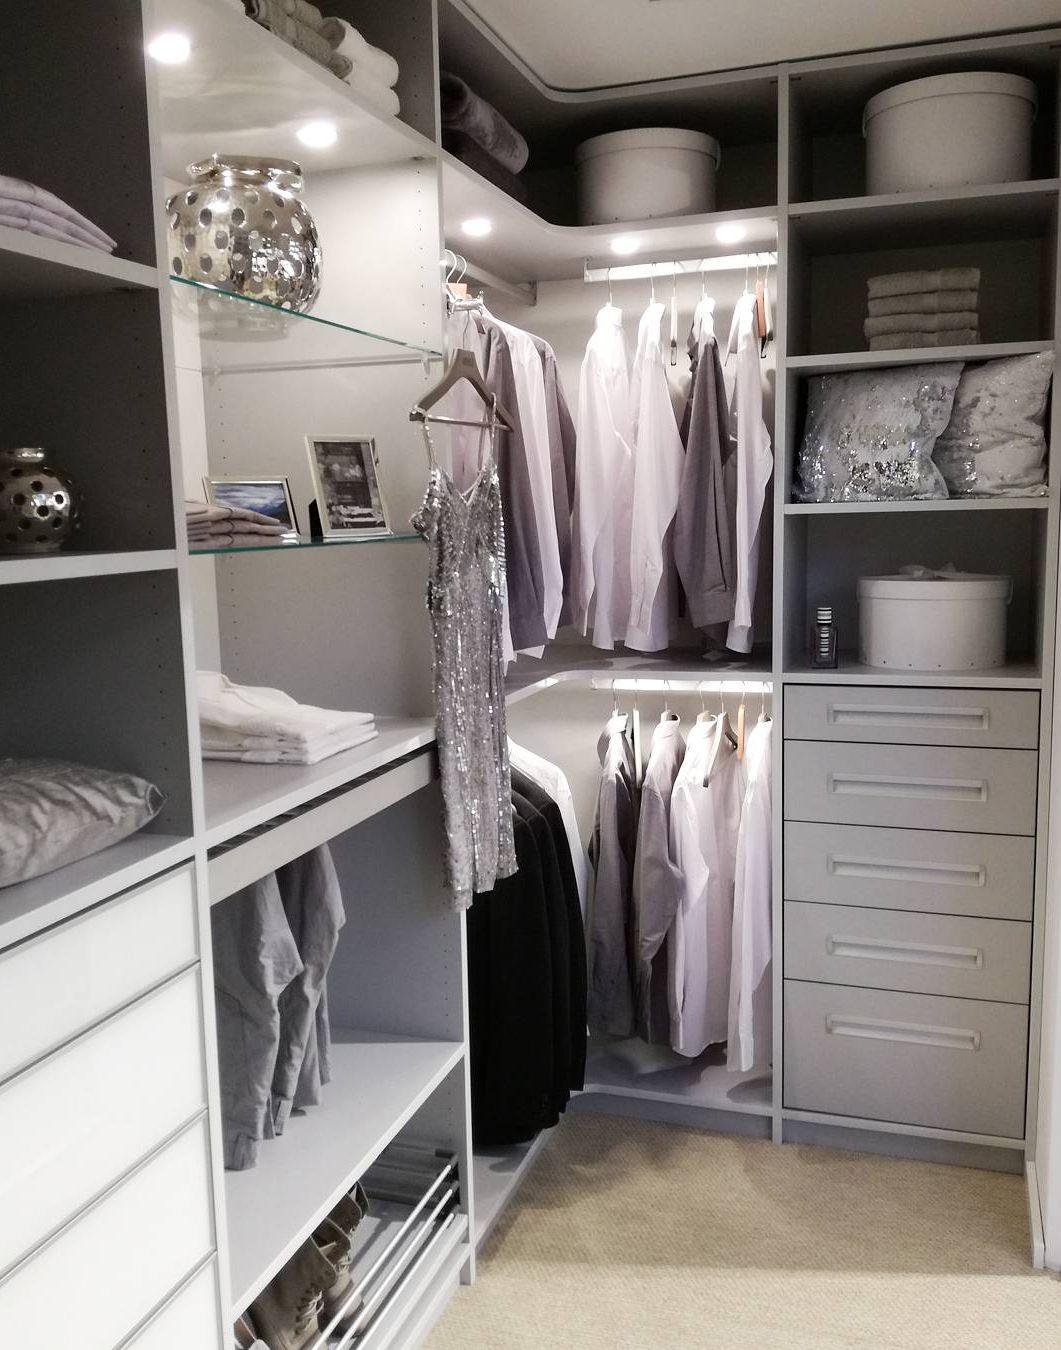 Einbauschranke Nach Mass Begehbare Kleiderschranke Begehbarer Kleiderschrank Einbauschrank Und Begehbarer Kleiderschrank Ideen